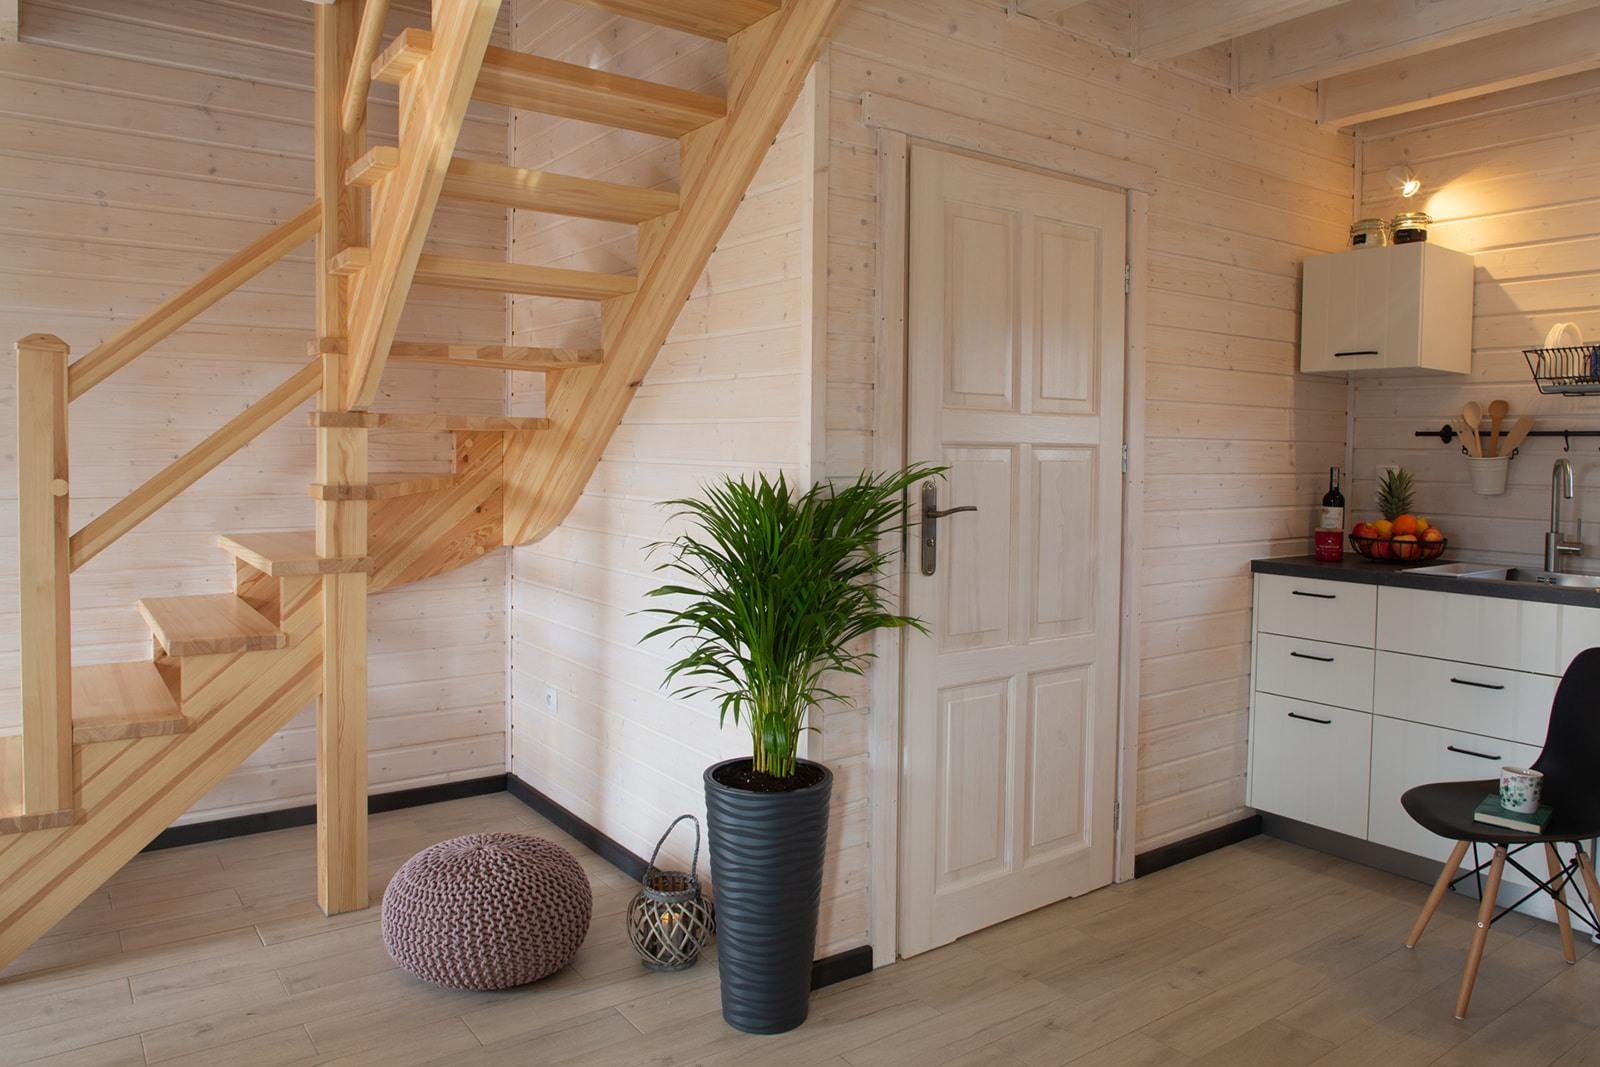 Domki nad Jeziorem Żywieckim, wnętrze, schody na piętro, część kuchenna